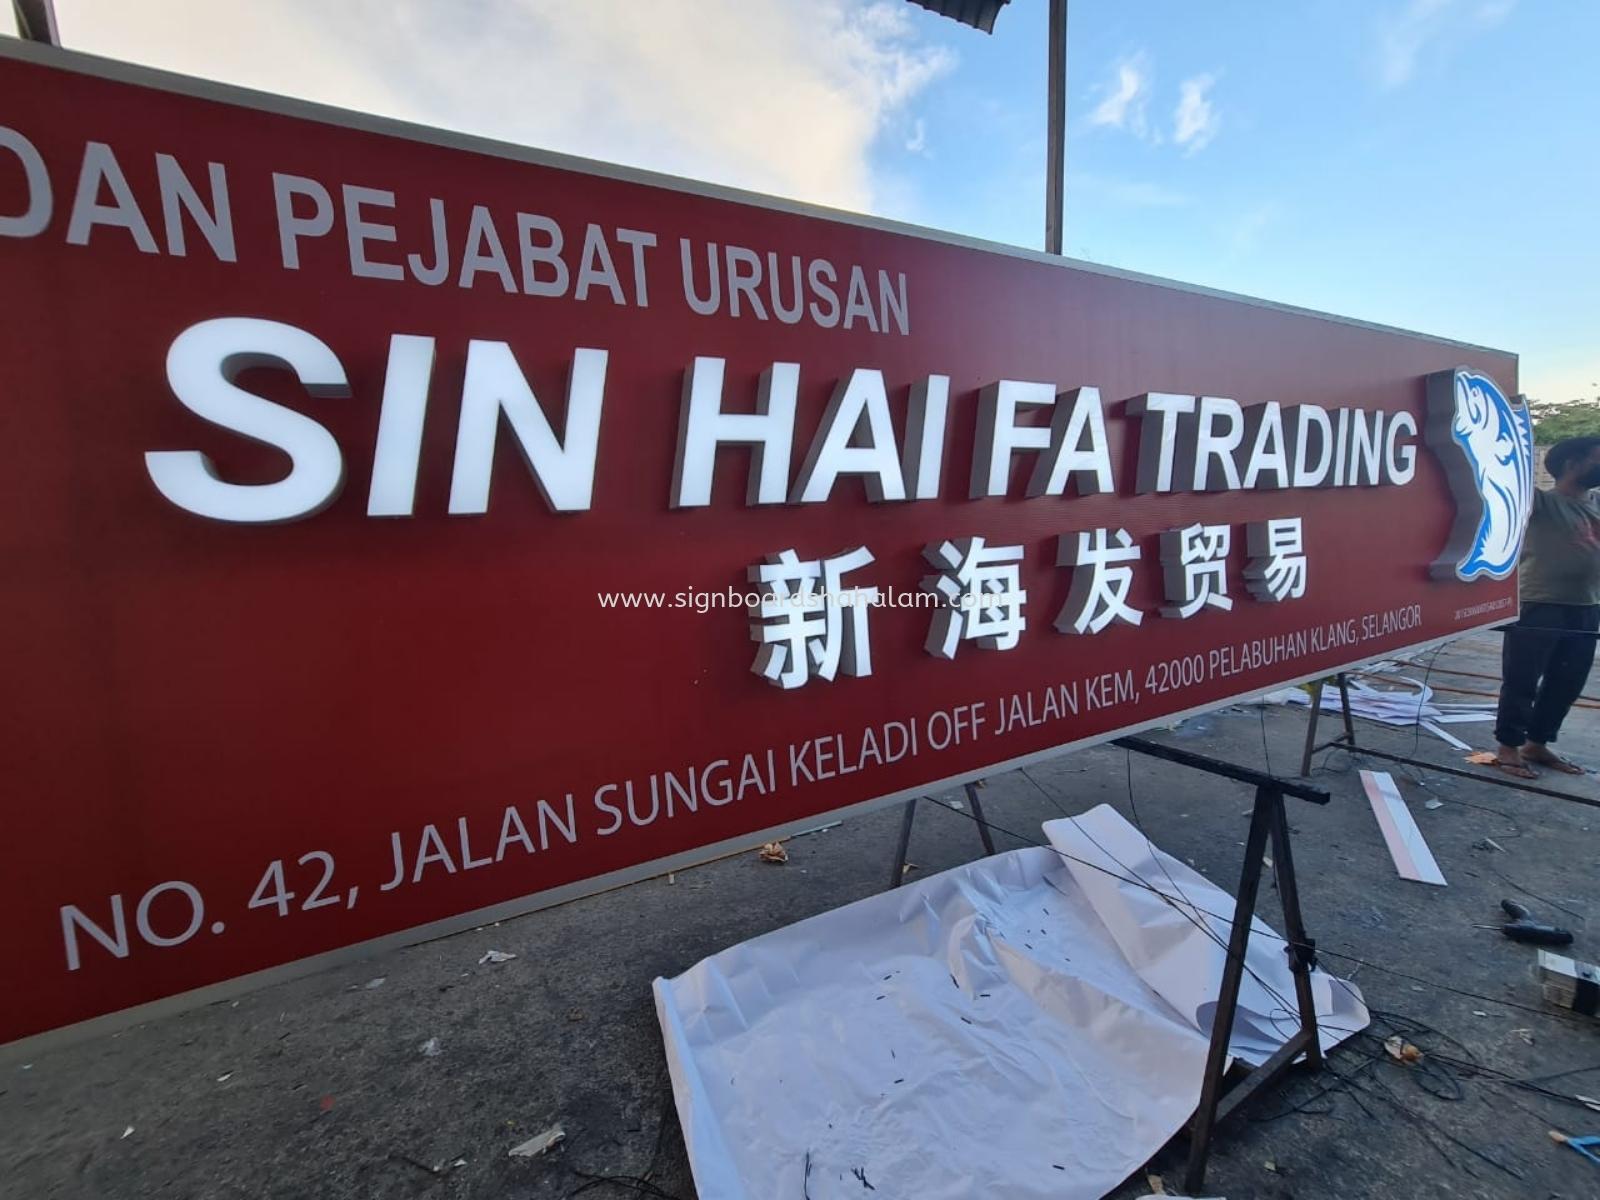 Sin hai Fa Trading Klang - 3D LED Box Up Signboard - Frontlit